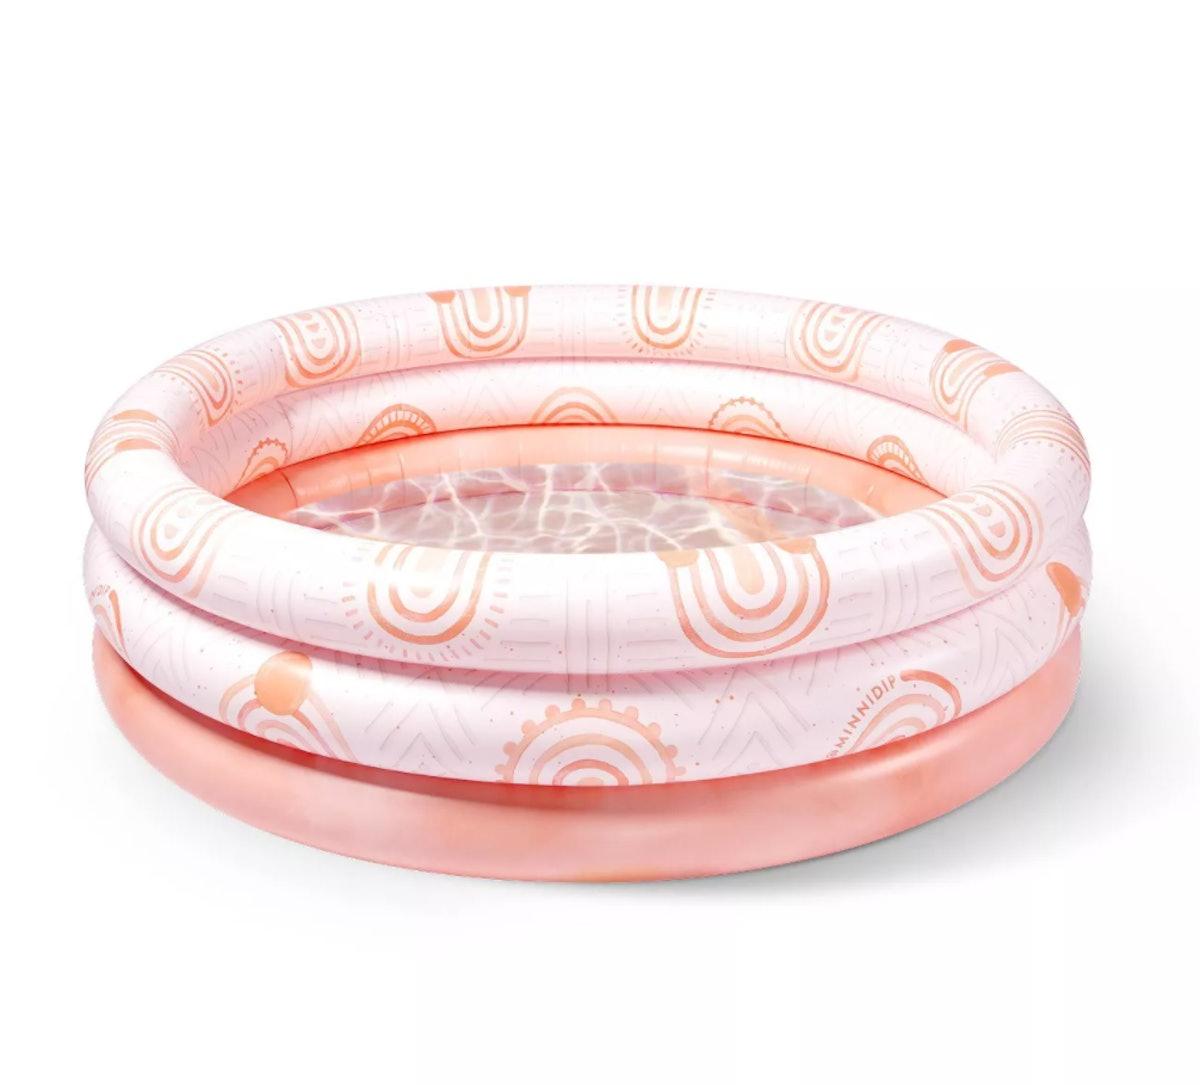 Sun-Kissed Terracotta Minnidip Adult Inflatable Pool